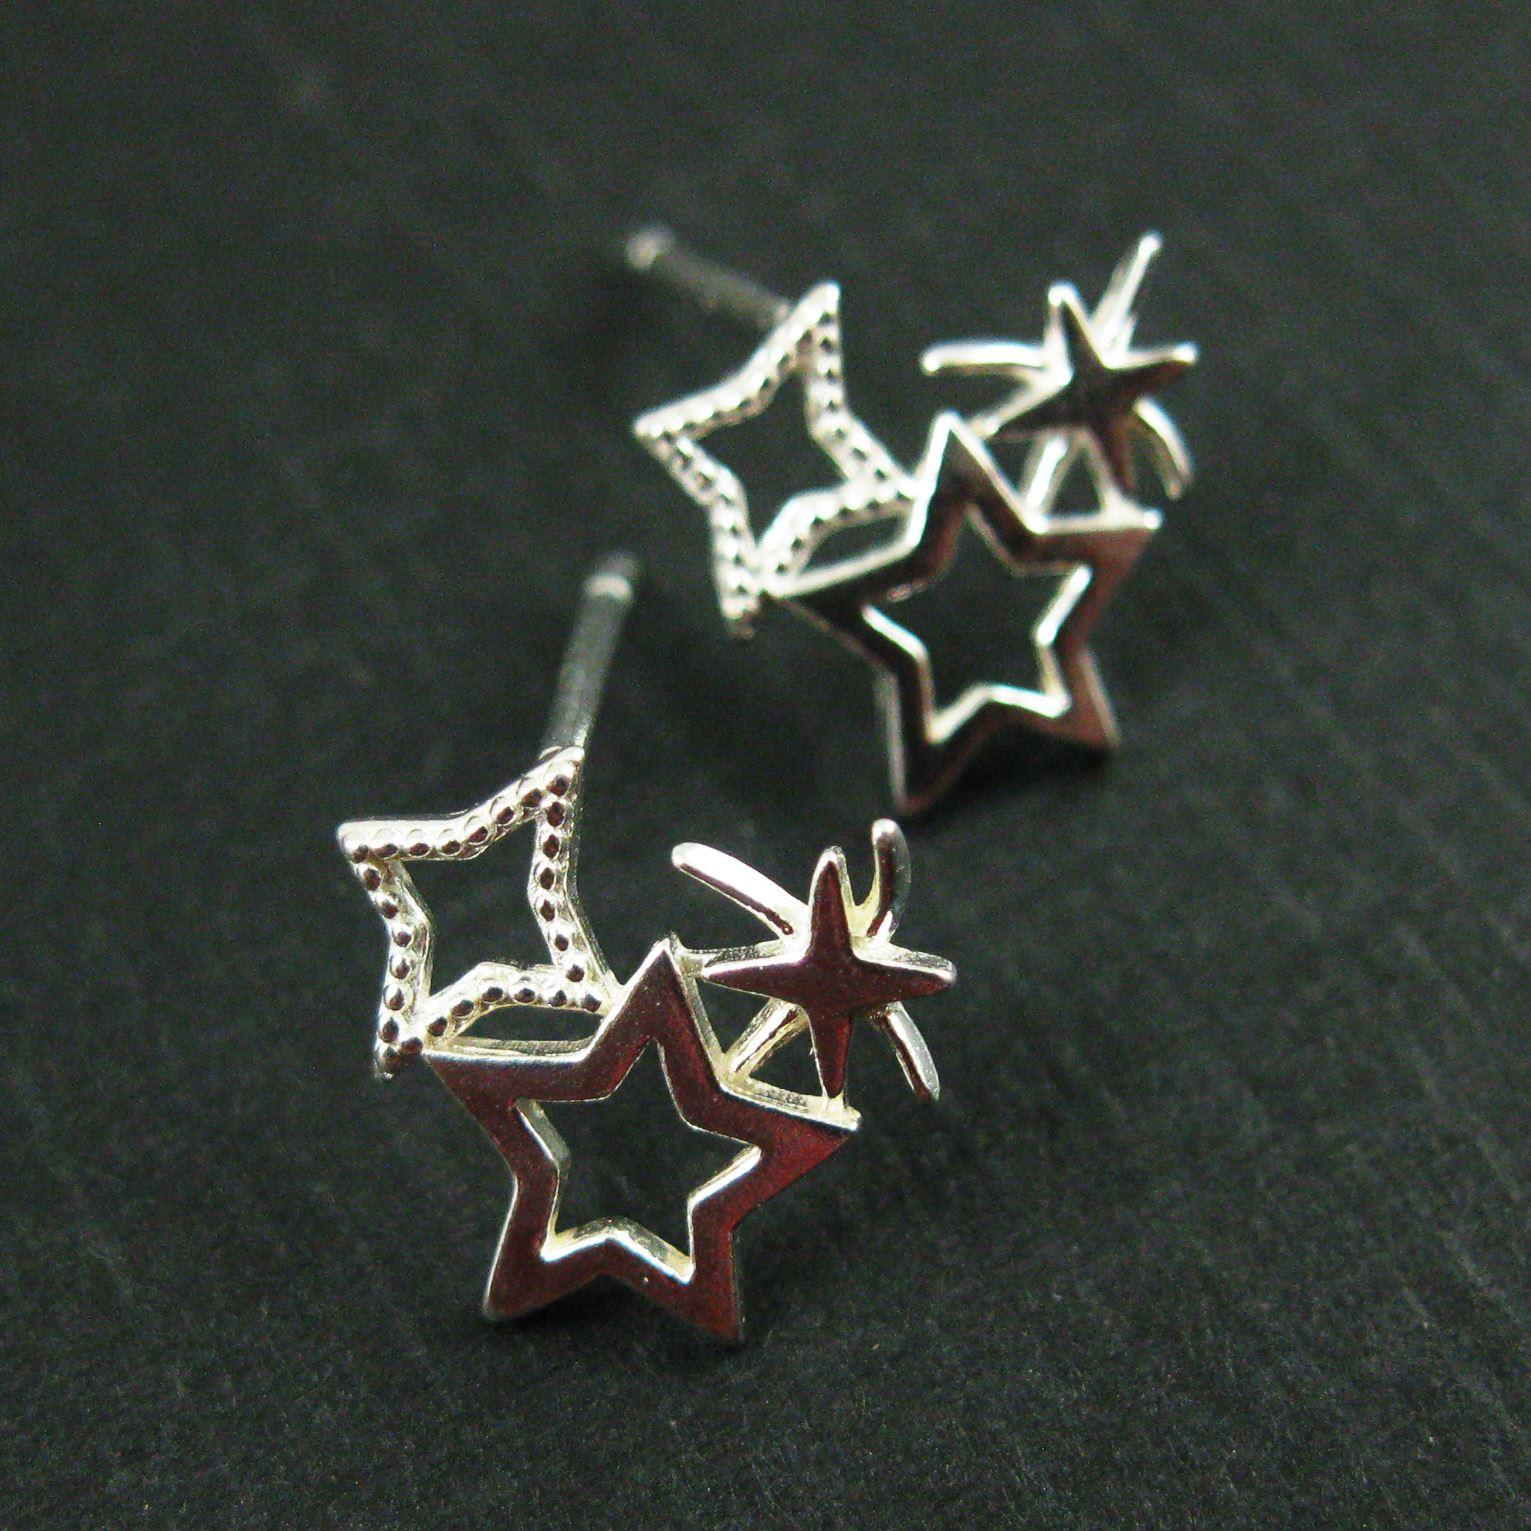 Sterling Silver Earrings,Star Earring Studs, Firework Earrings- Firecracker Earring Studs-10mm (2 pcs, 1 pair)